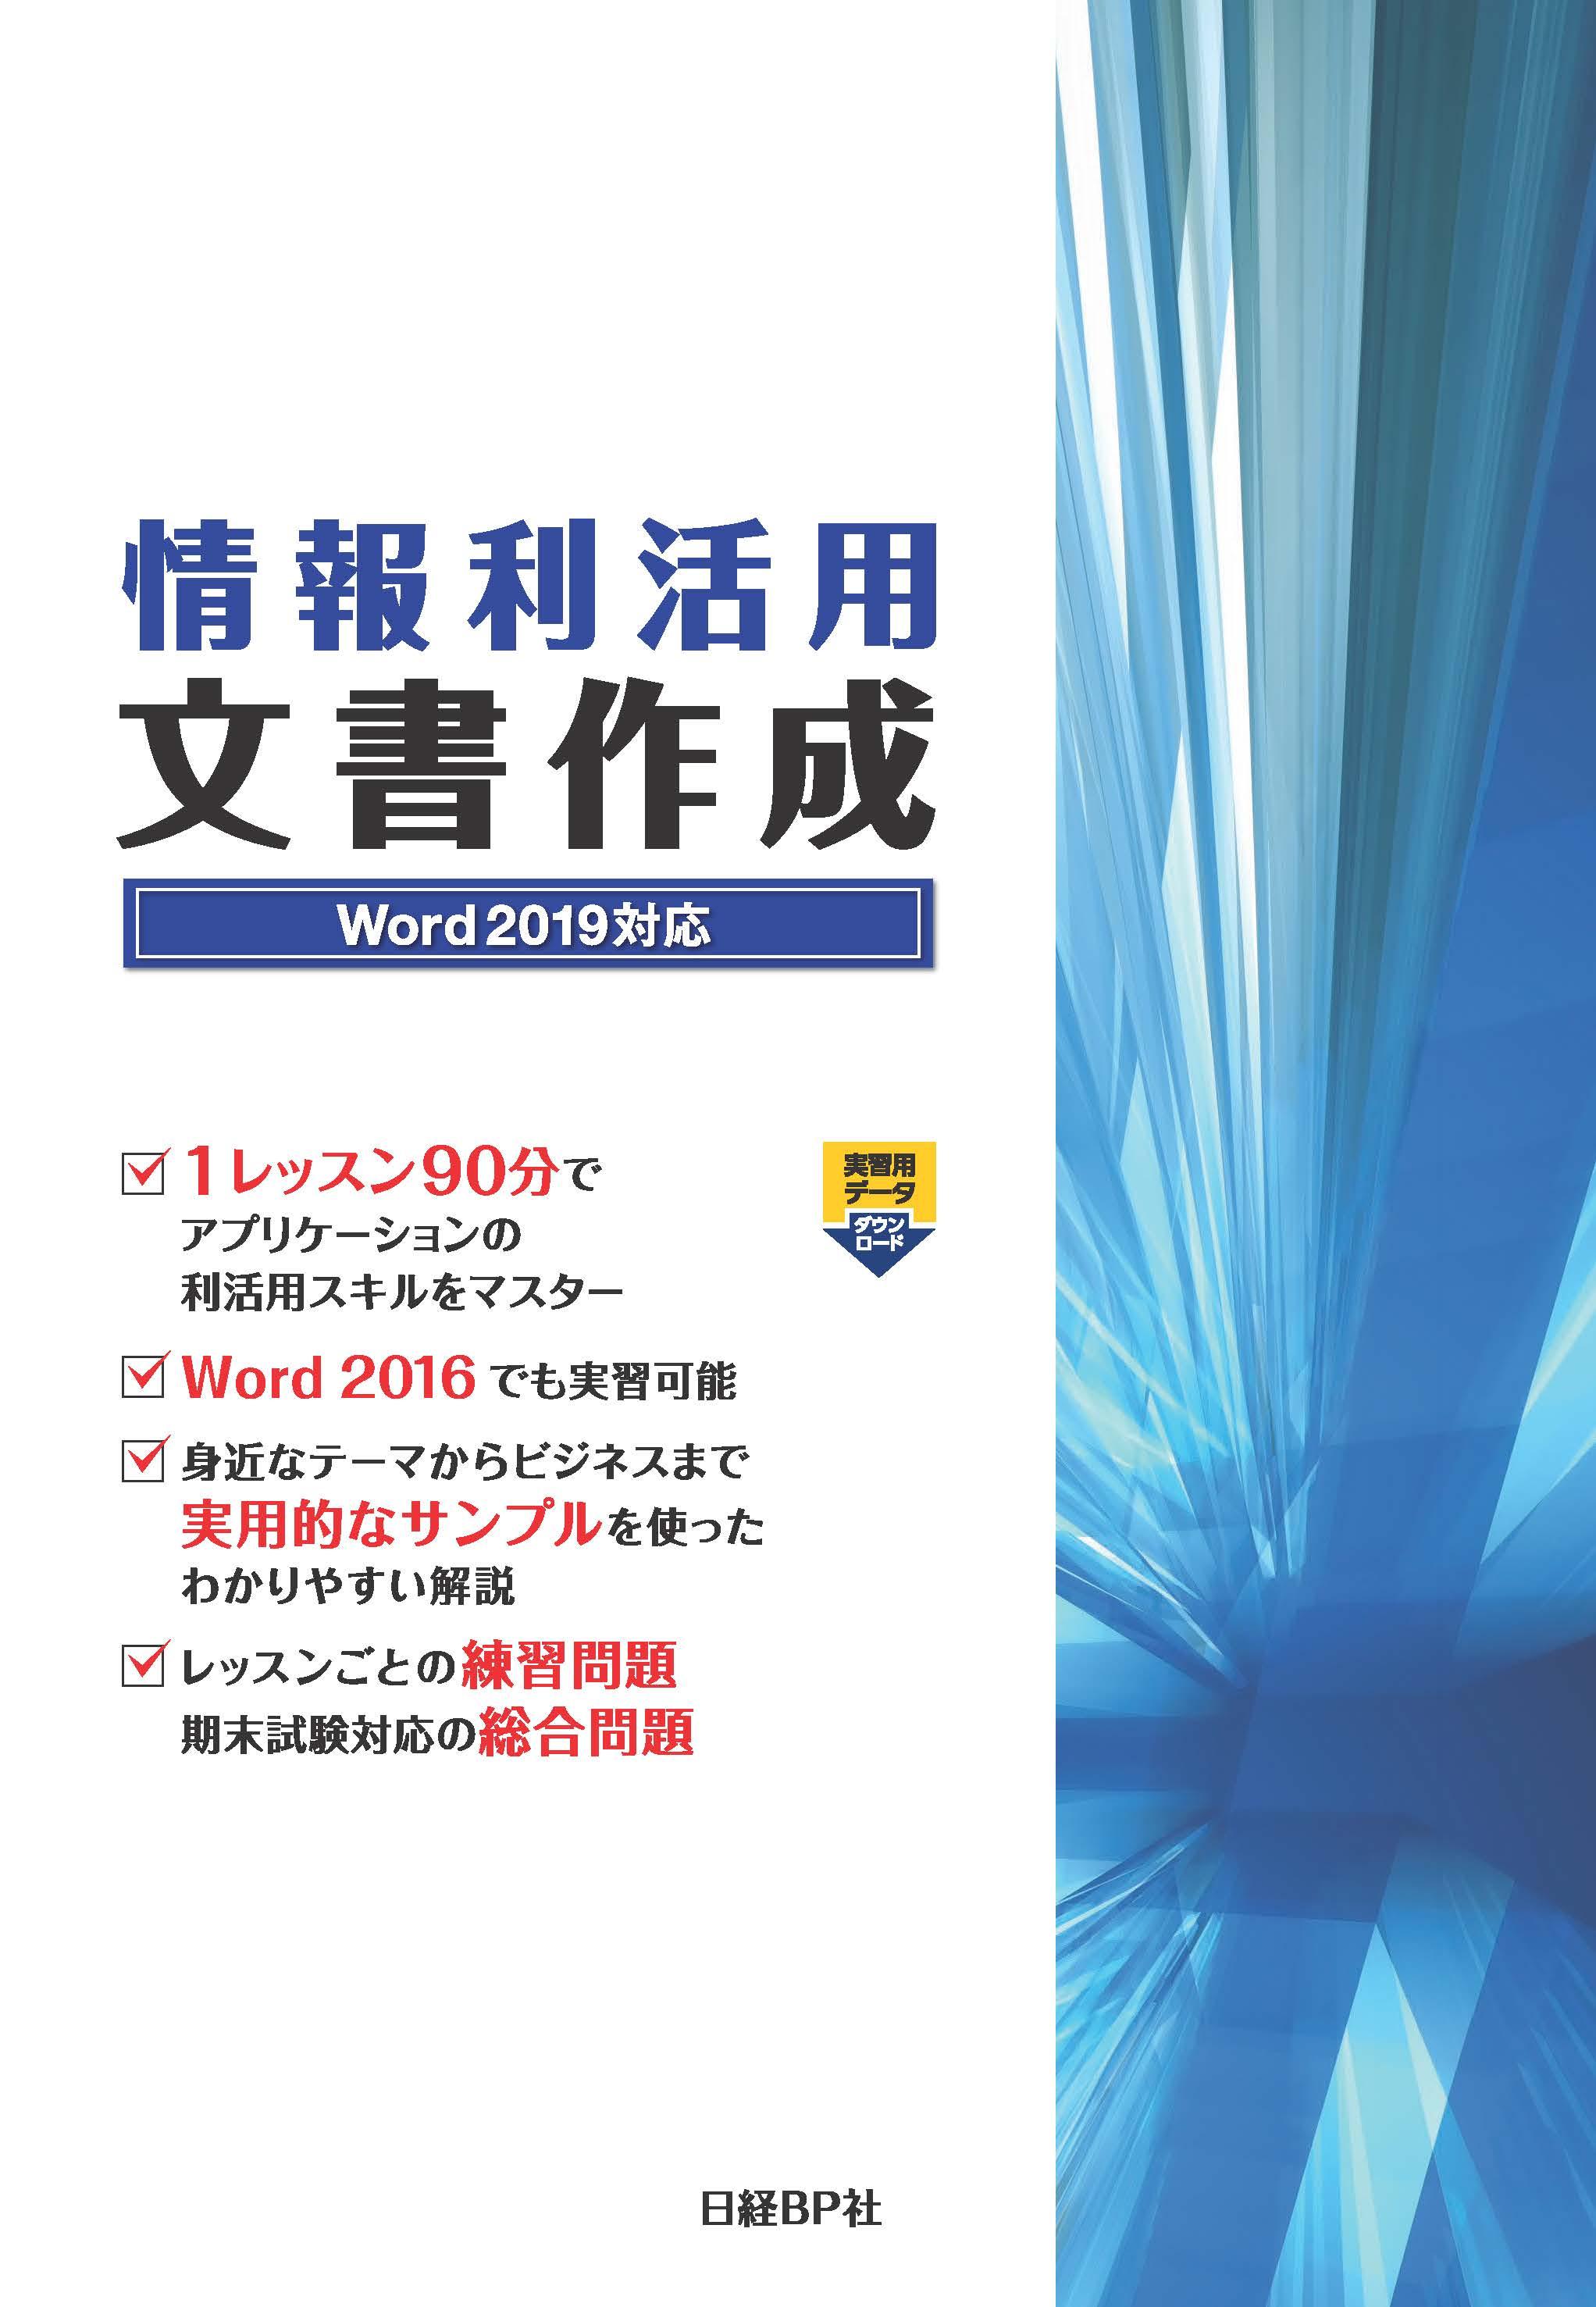 情報利活用 文書作成 Word 2019対応